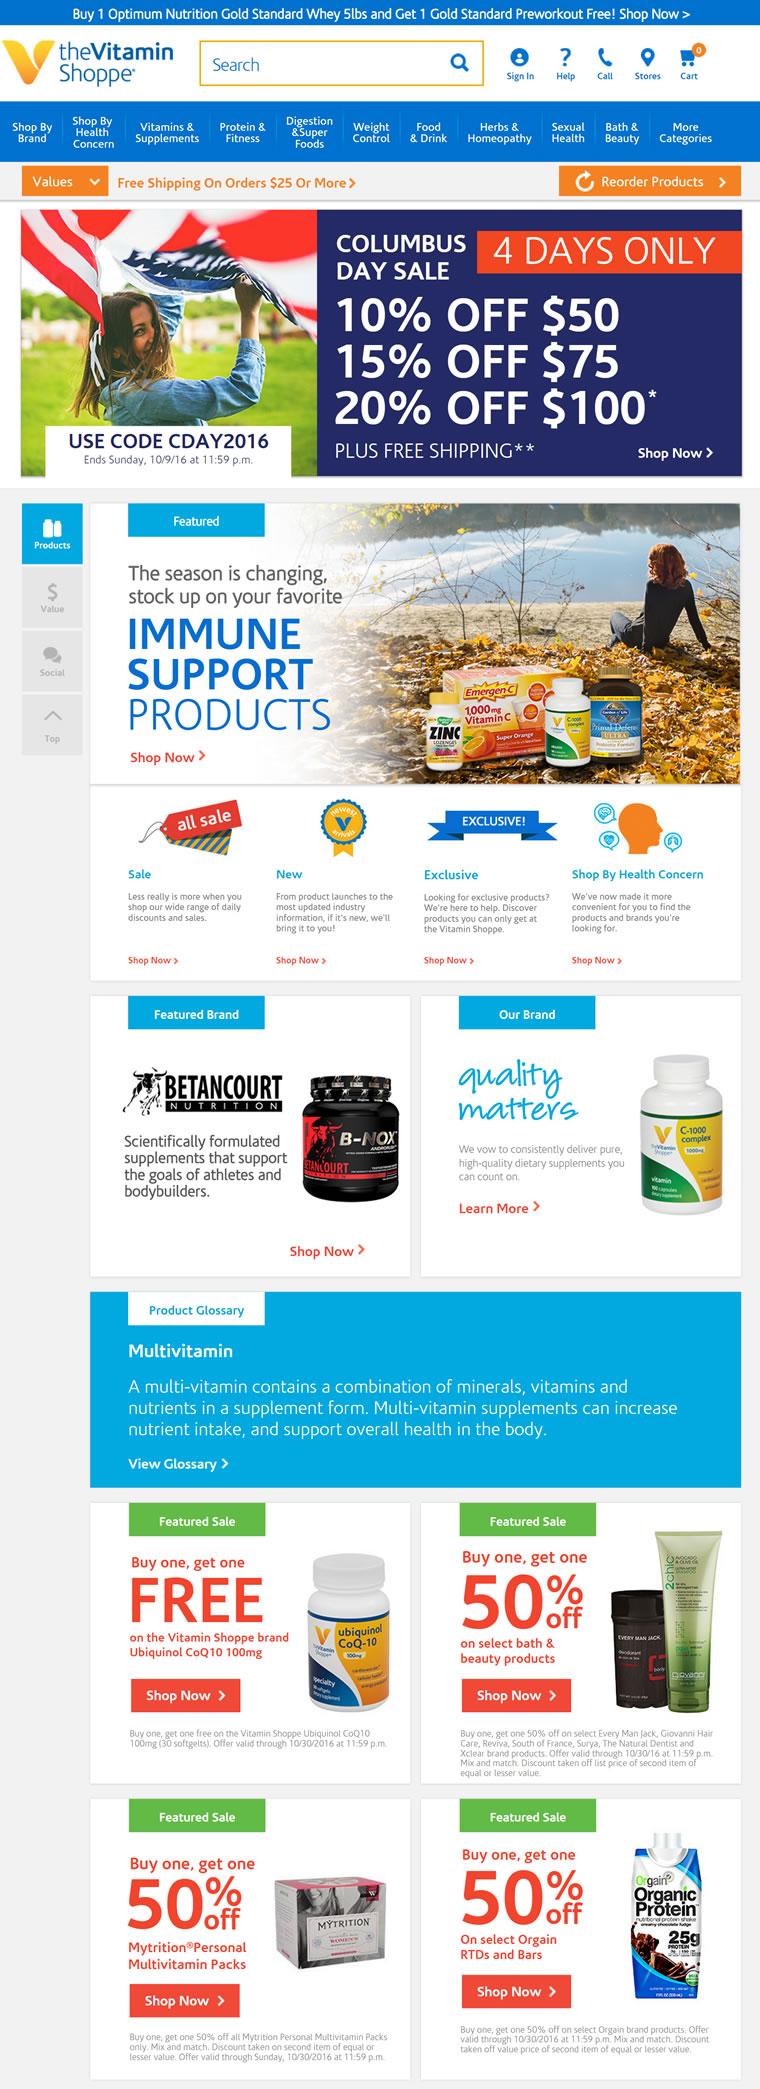 全球知名提供各类营养保健品的零售商:Vitamin Shoppe